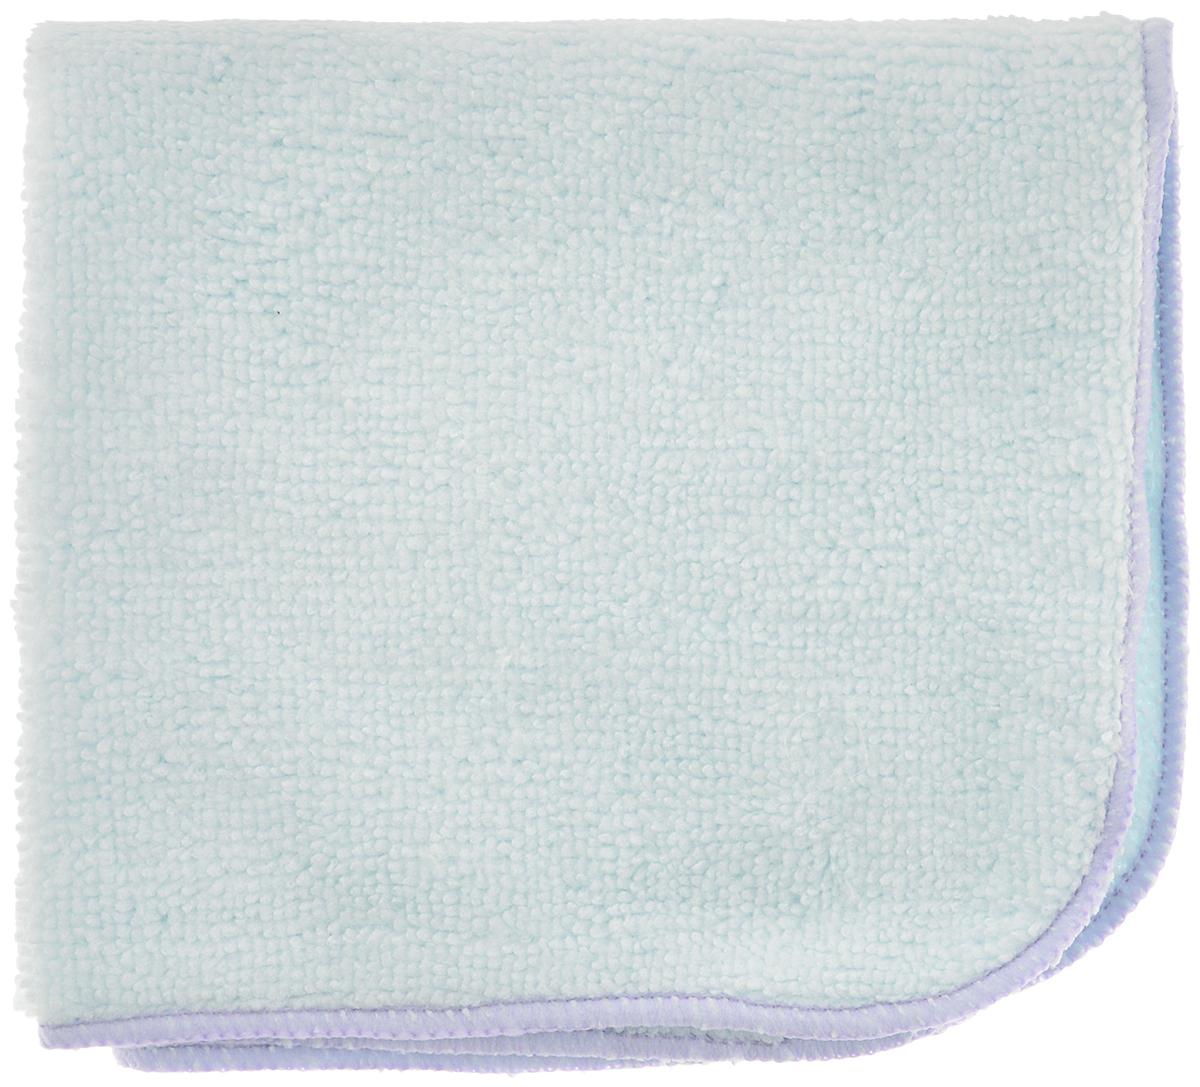 Салфетка для уборки Meule Standard, универсальная, цвет: светло-голубой, сиреневый, 25 х 25 см18300340Салфетка Meule Standard выполнена из высококачественной микрофибры (80% полиэстер, 20% полиамид). Изделие может использоваться как для сухой, так и для влажной уборки. Деликатно очищает любые виды поверхности, не оставляет следов и разводов. Идеально впитывает влагу, удаляет загрязнения и пыль, а также подходит для протирки полированной мебели. Сохраняет свои свойства после стирки.